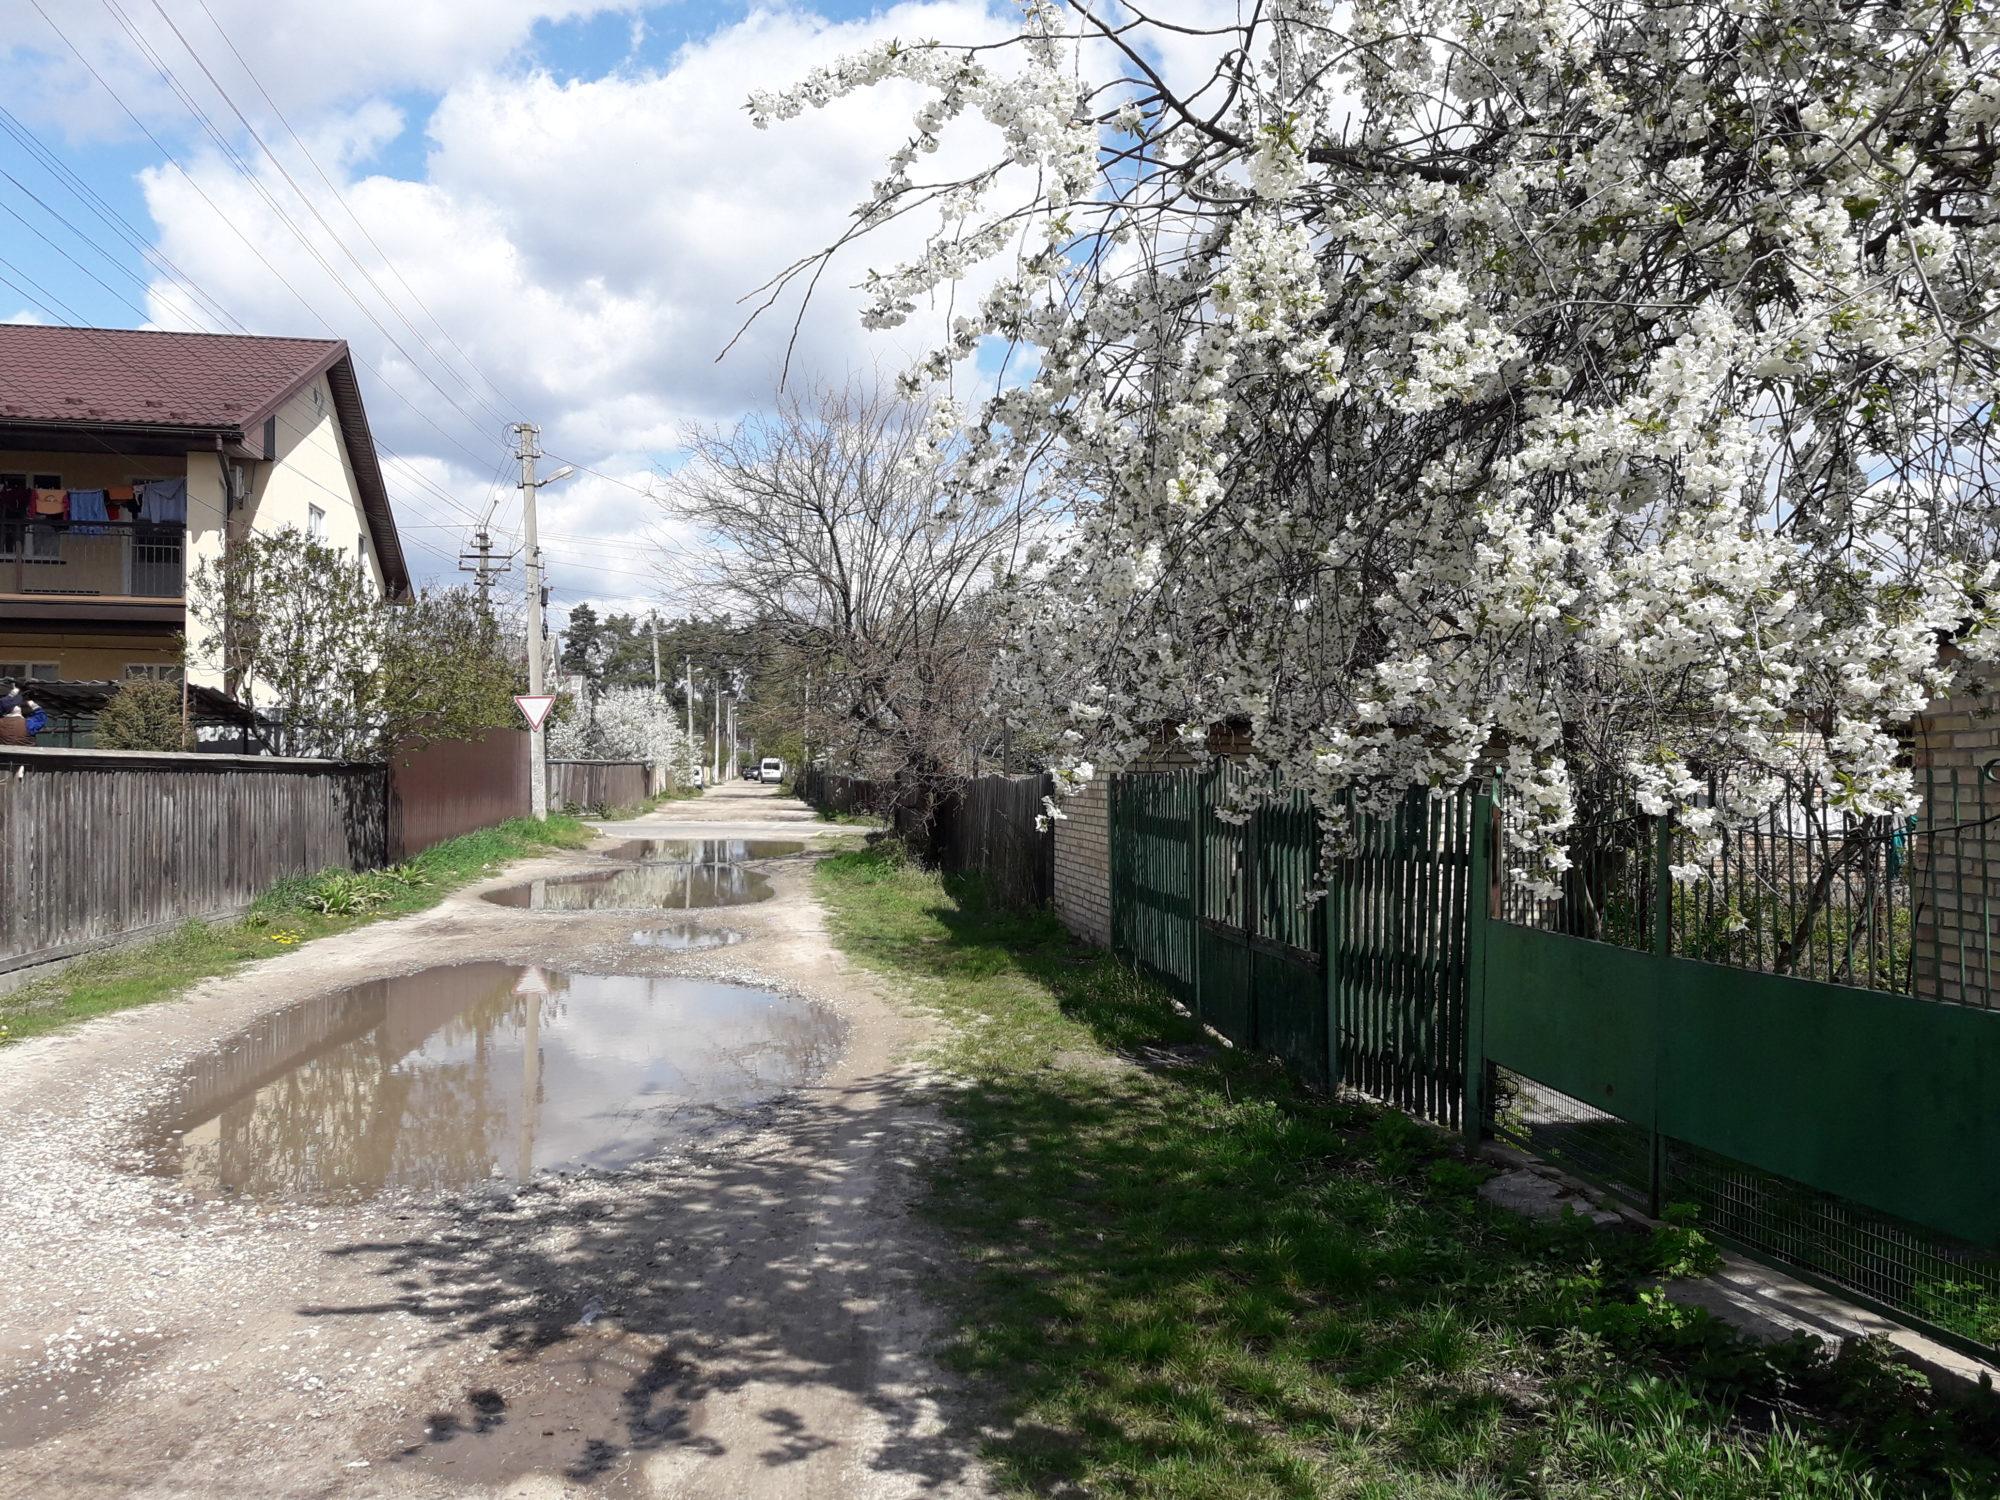 Ірпінь квітне: у місті настає пік цвітіння дерев та кущів (ФОТО) -  - 20200427 122233 2000x1500